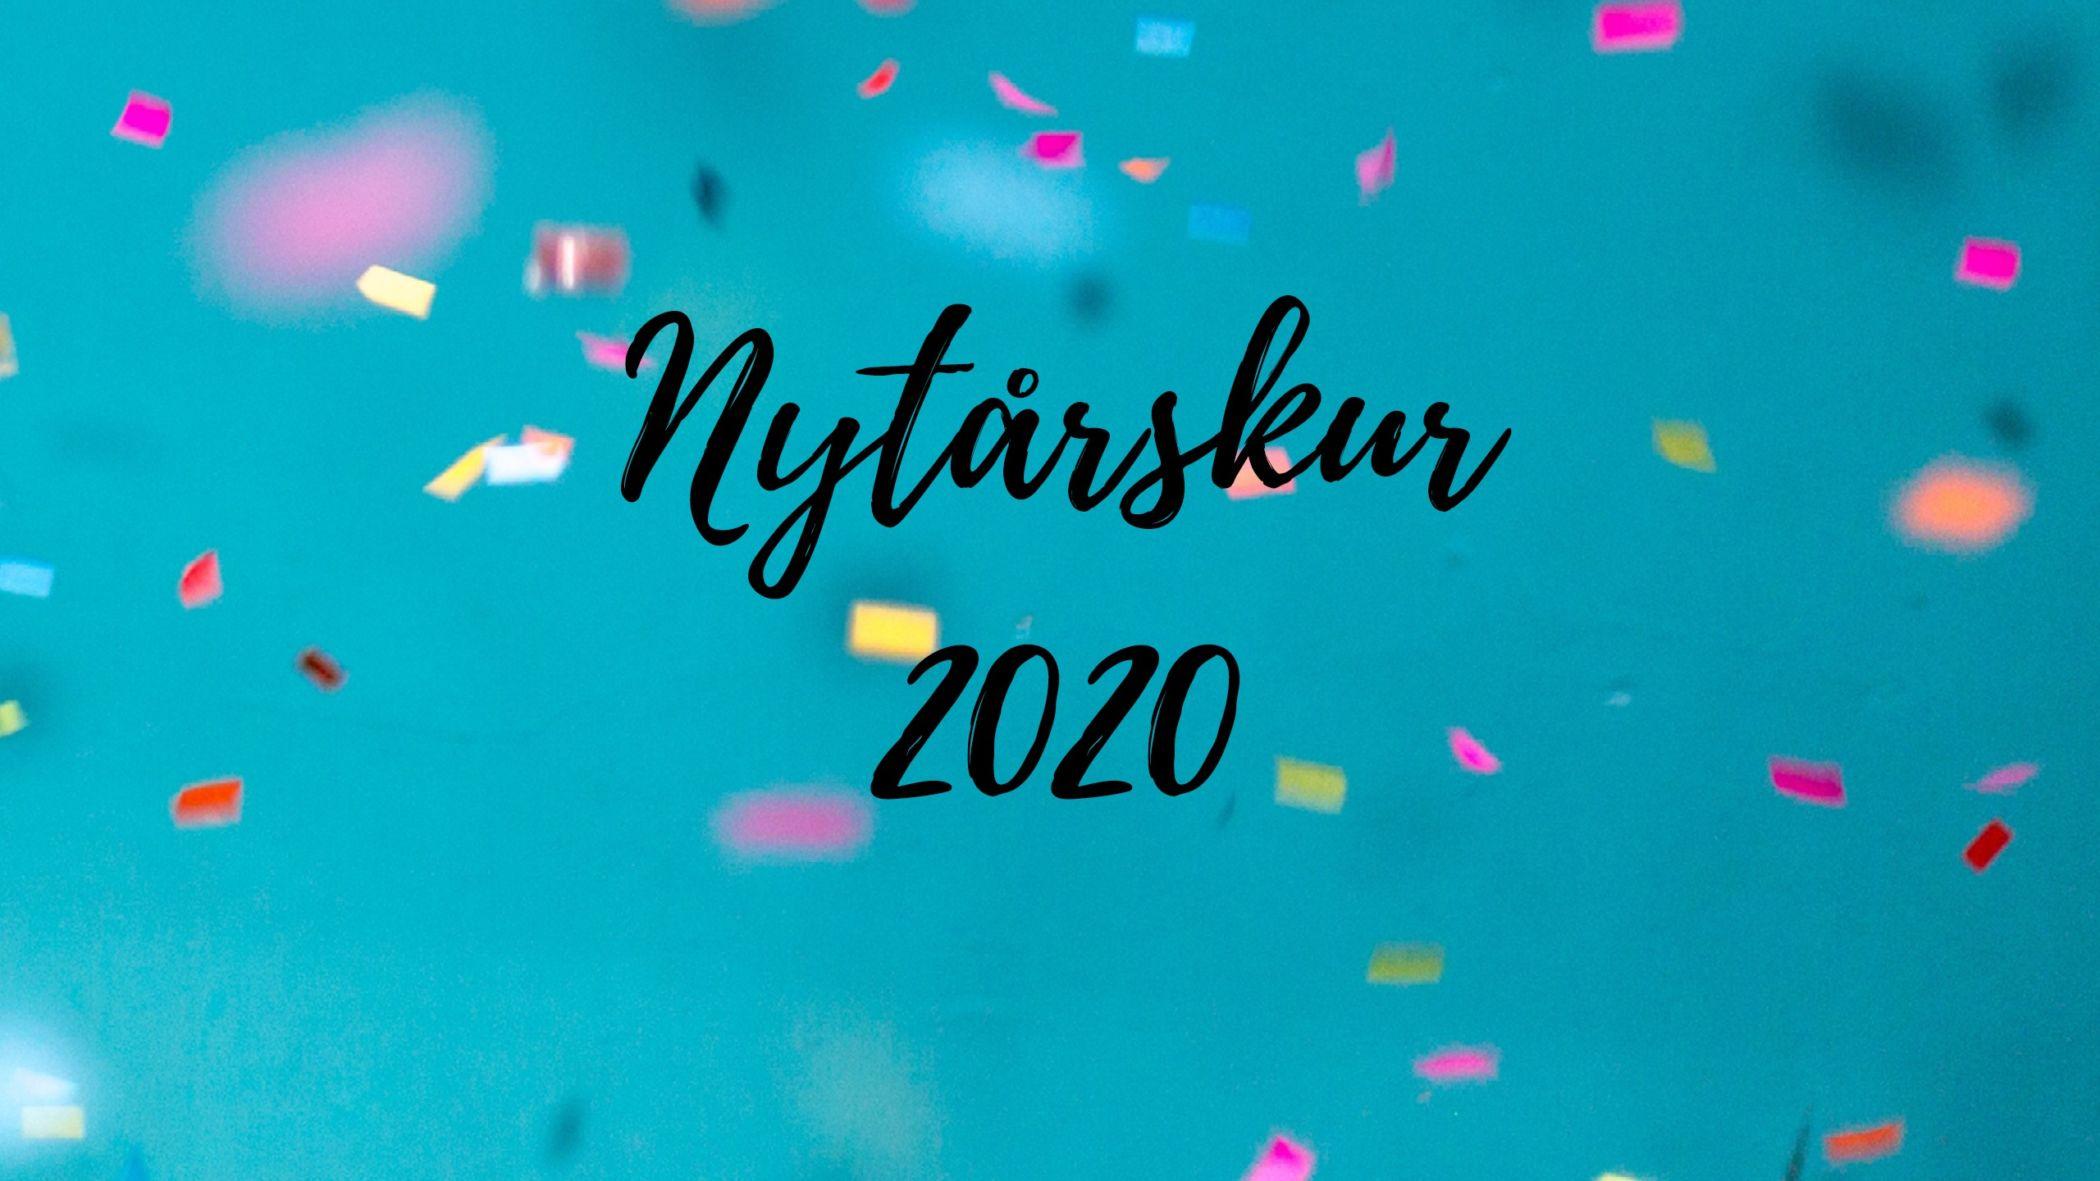 Nytårskur 2020